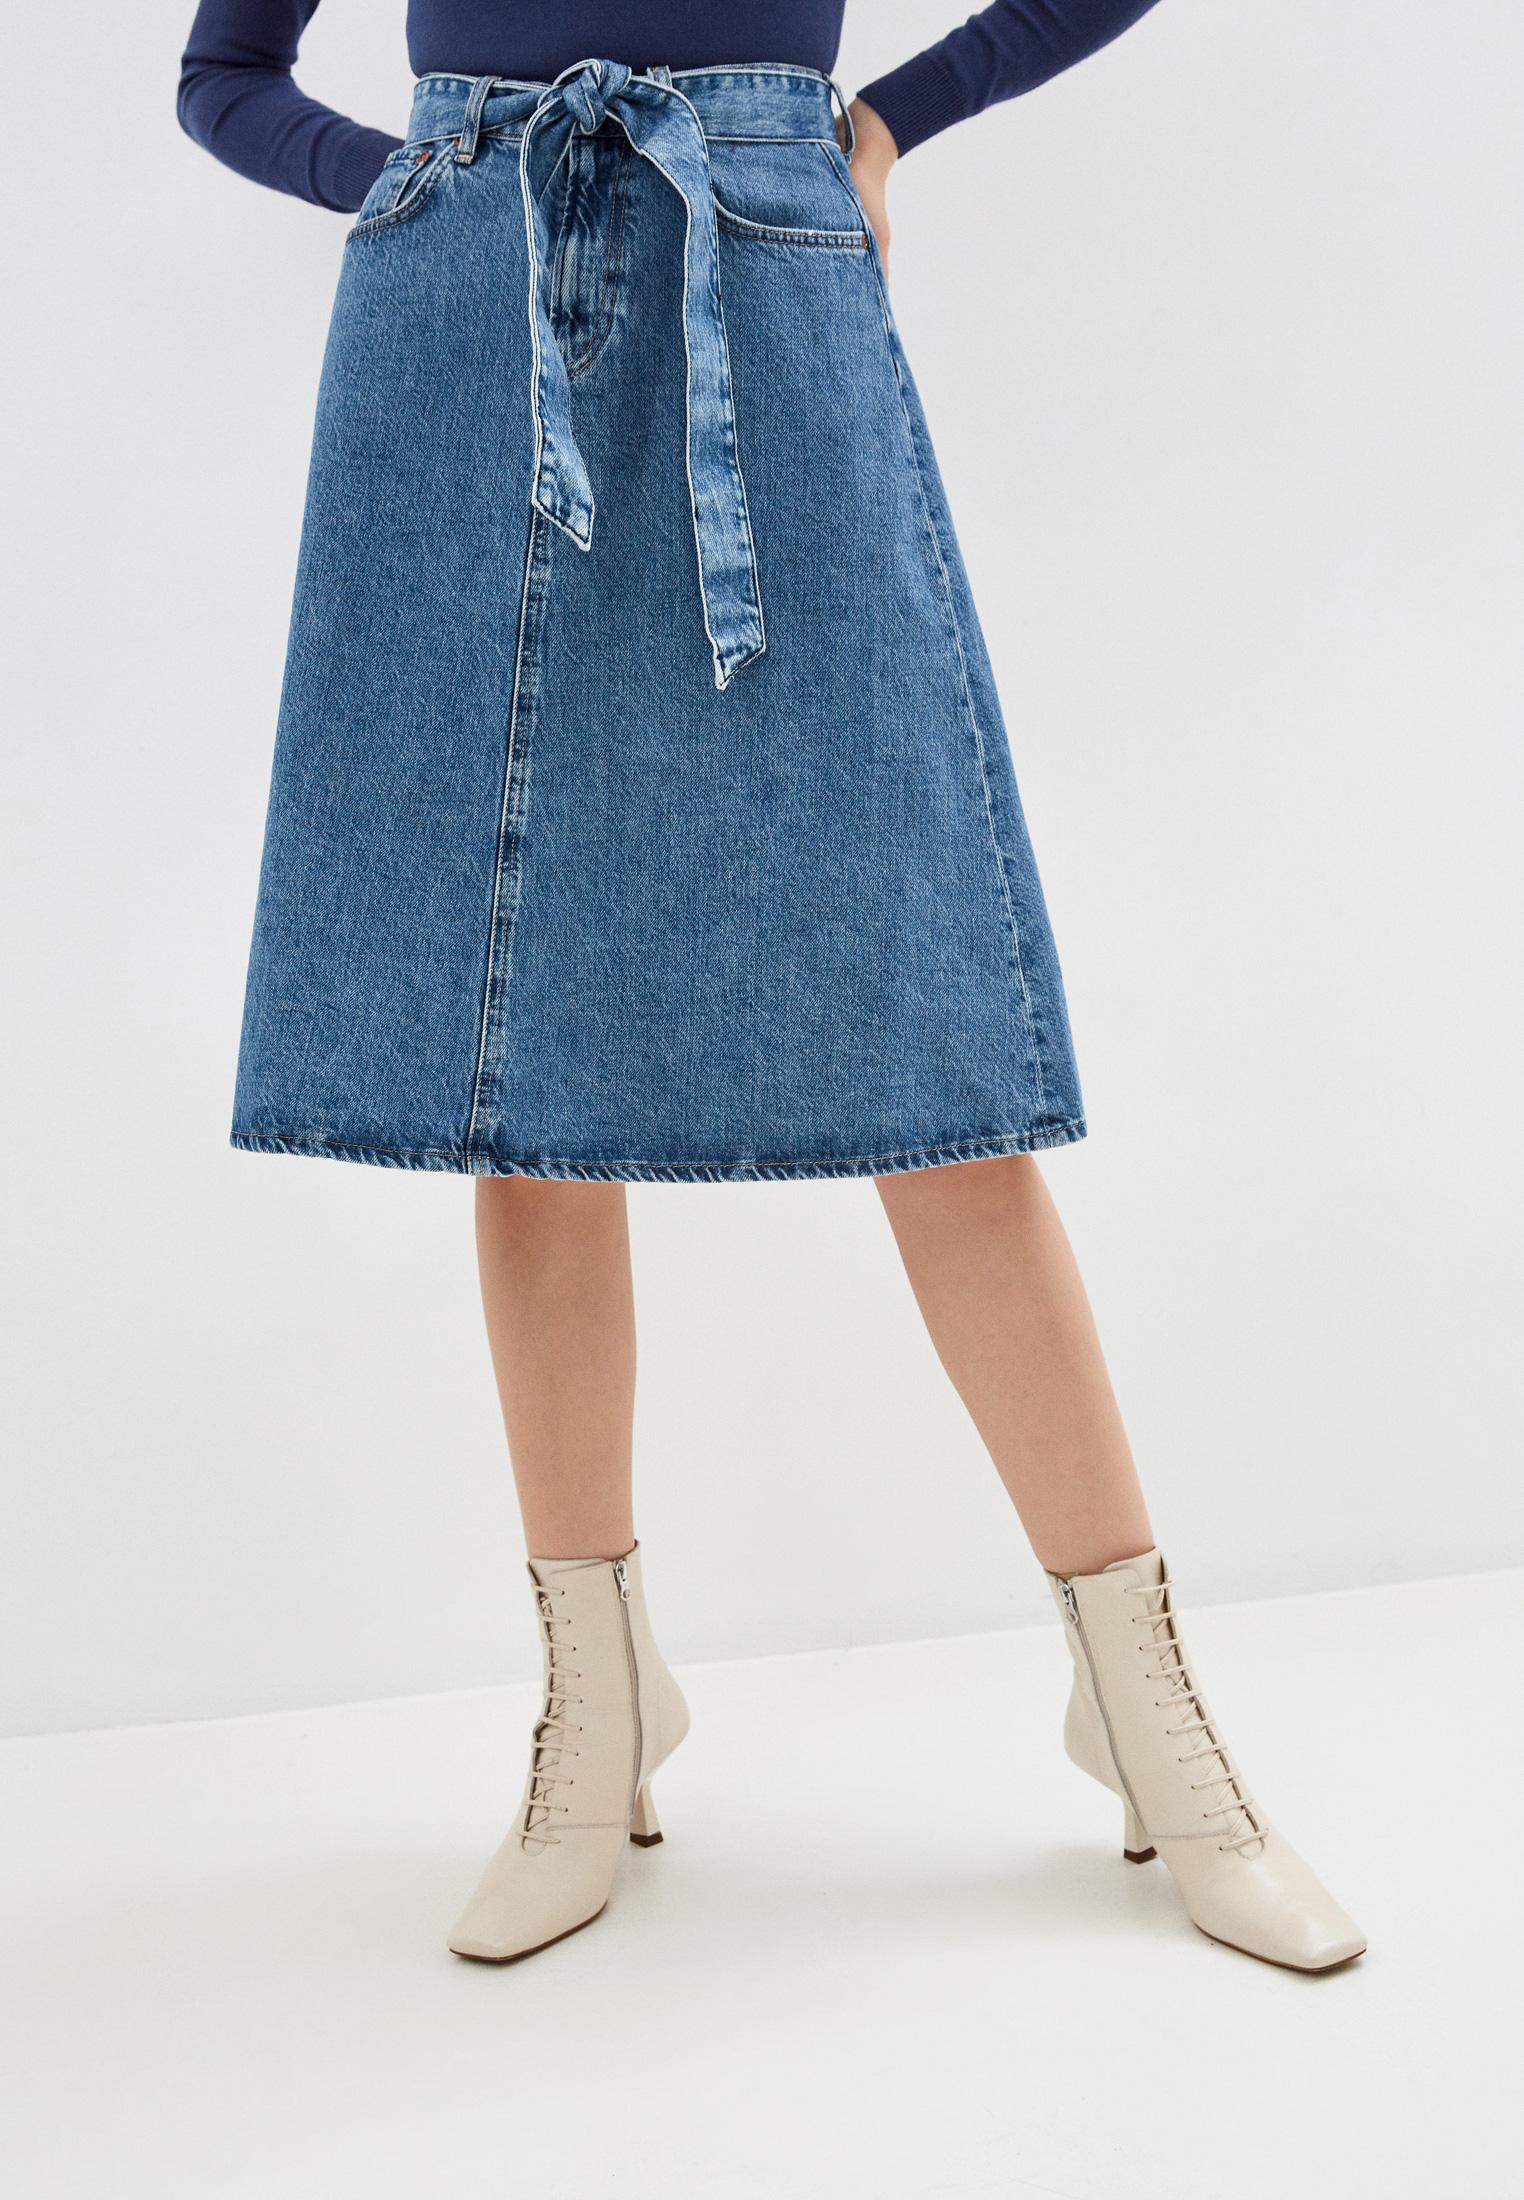 Джинсовая юбка Pepe Jeans (Пепе Джинс) PL900900